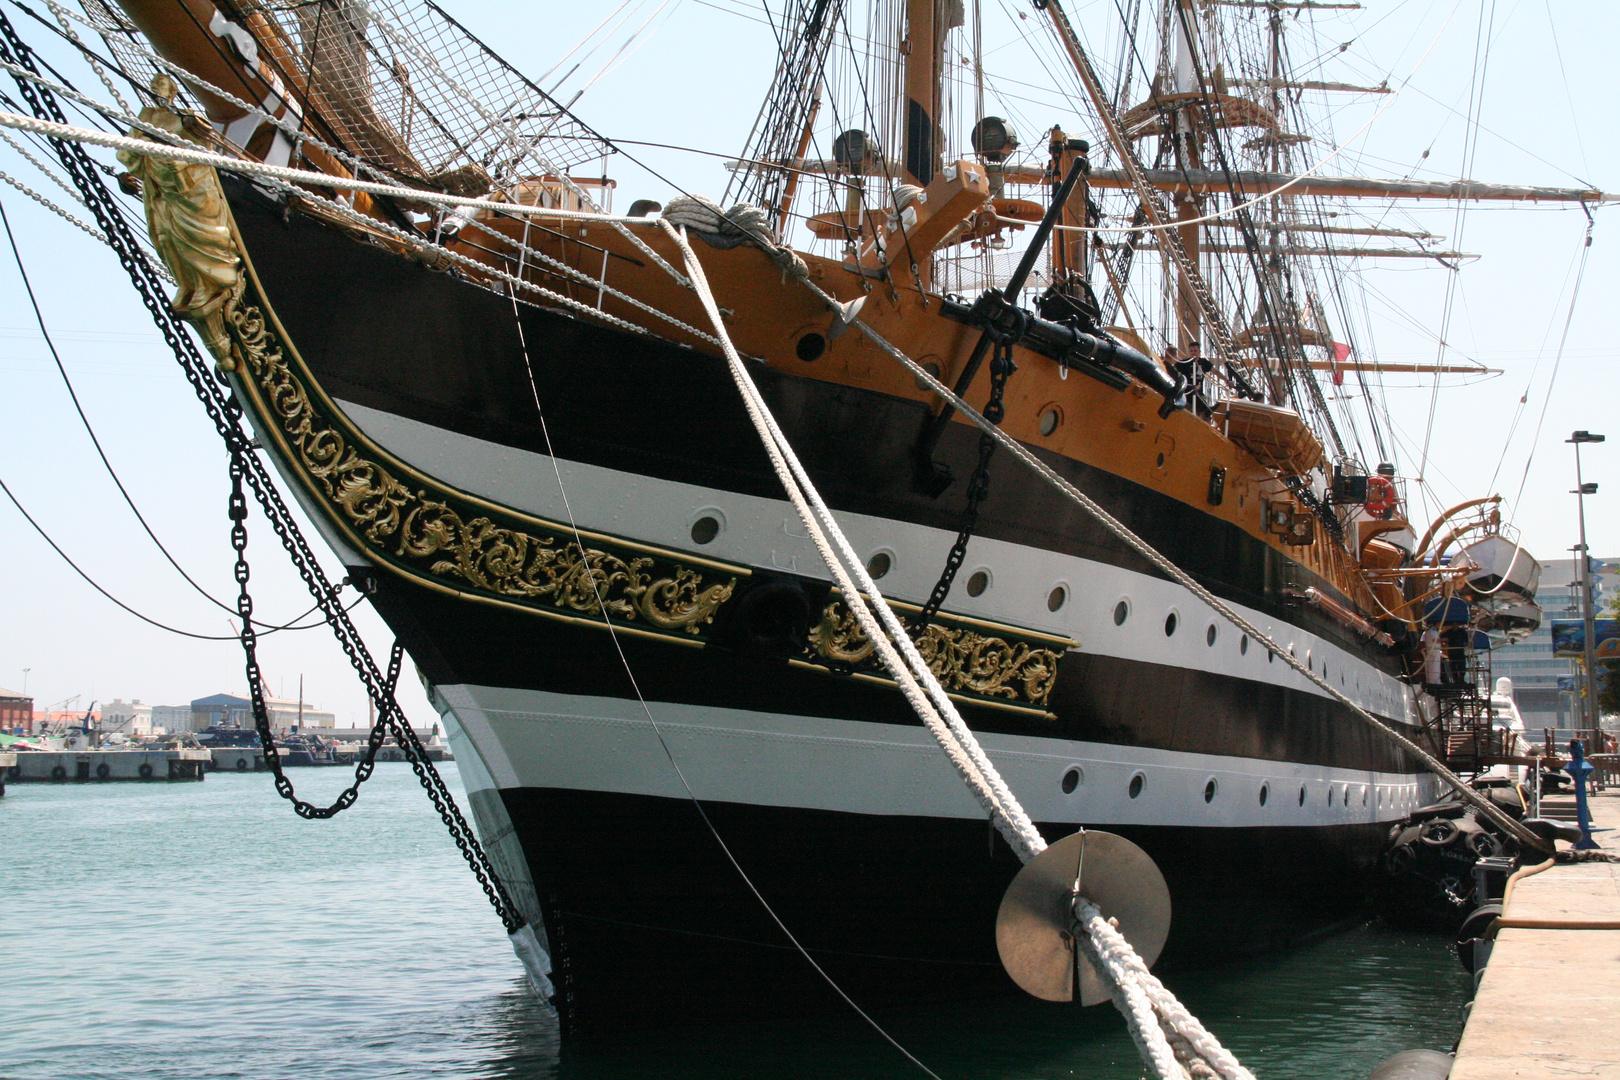 Barcelona -eines der schönsten Segelschulschiffe der Welt-